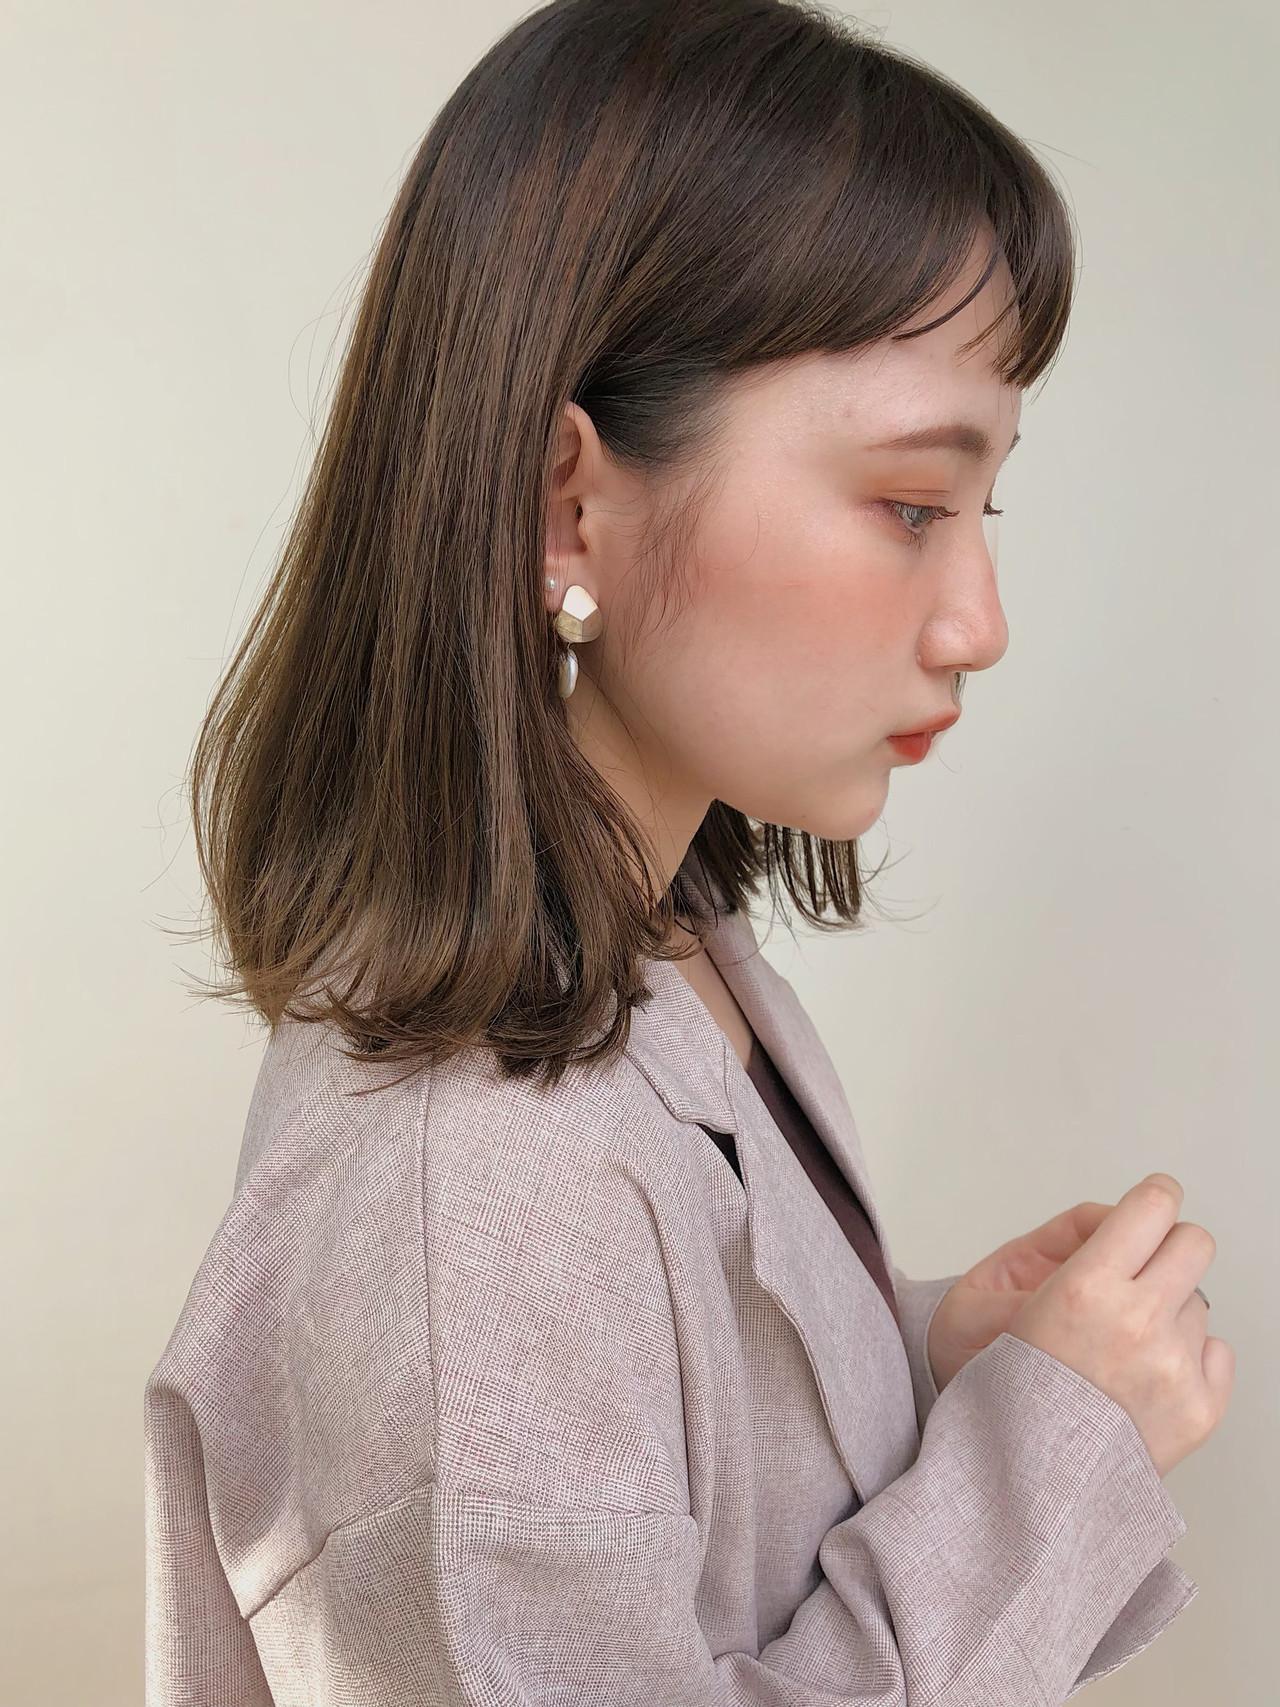 大人ミディアム ロブ フェミニン 鎖骨ミディアム ヘアスタイルや髪型の写真・画像